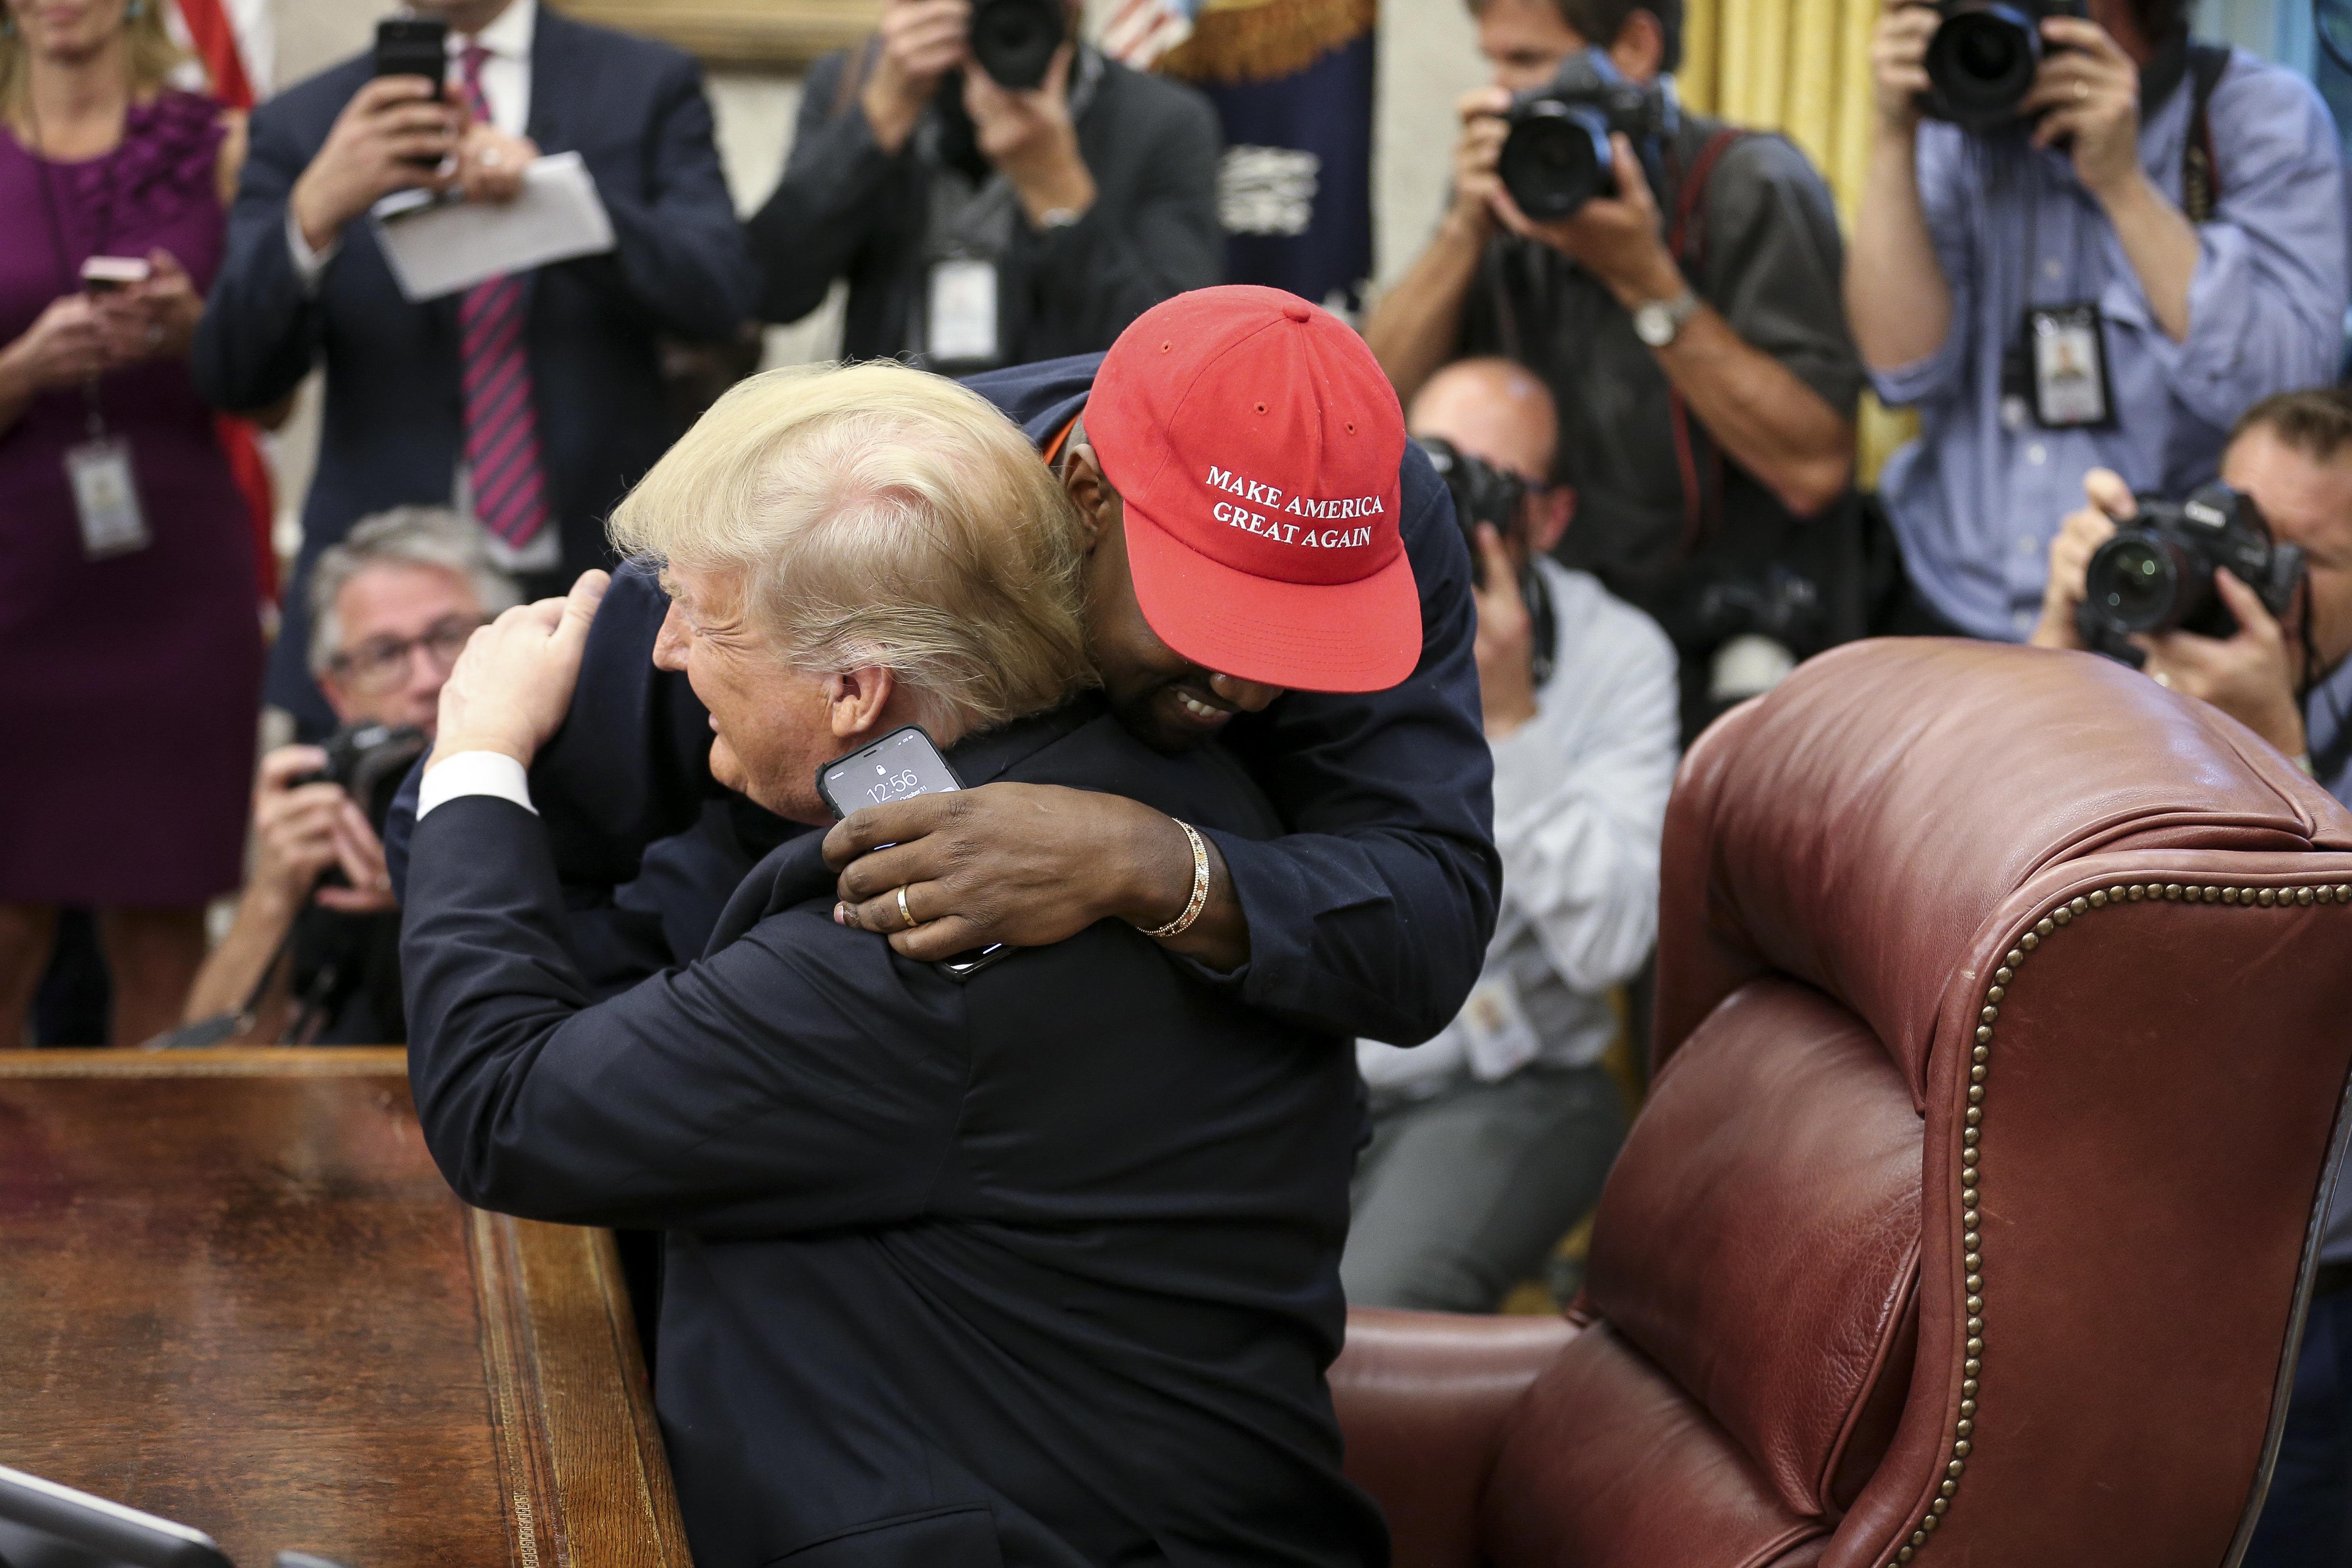 Το twitter «γλεντάει» τη σουρεάλ αγάπη Ντόναλντ Τραμπ -Κάνιε Γουέστ. H πρόταση για το iplane 1 και το καπέλο του Σούπερμαν